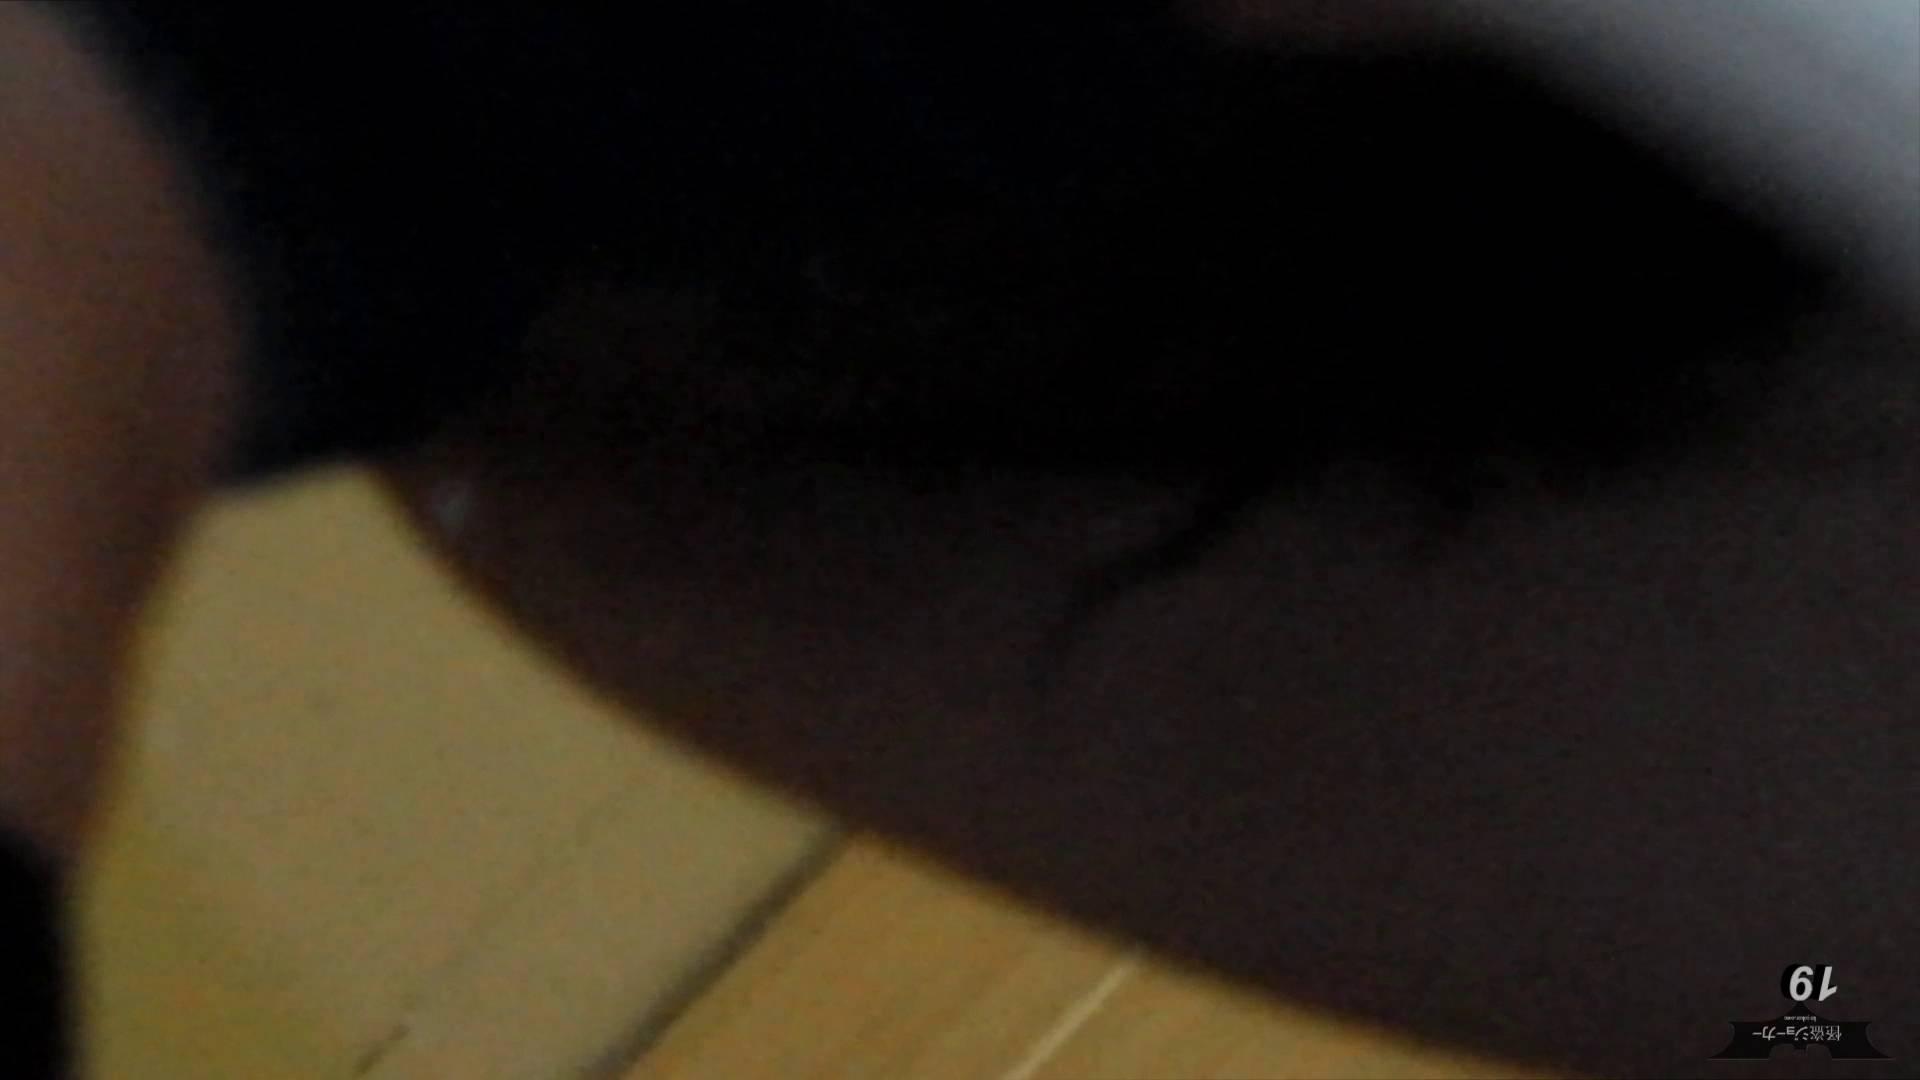 阿国ちゃんの「和式洋式七変化」 (NEW)19 「雫」はしっかりと切るんです! 丸見え  88枚 48